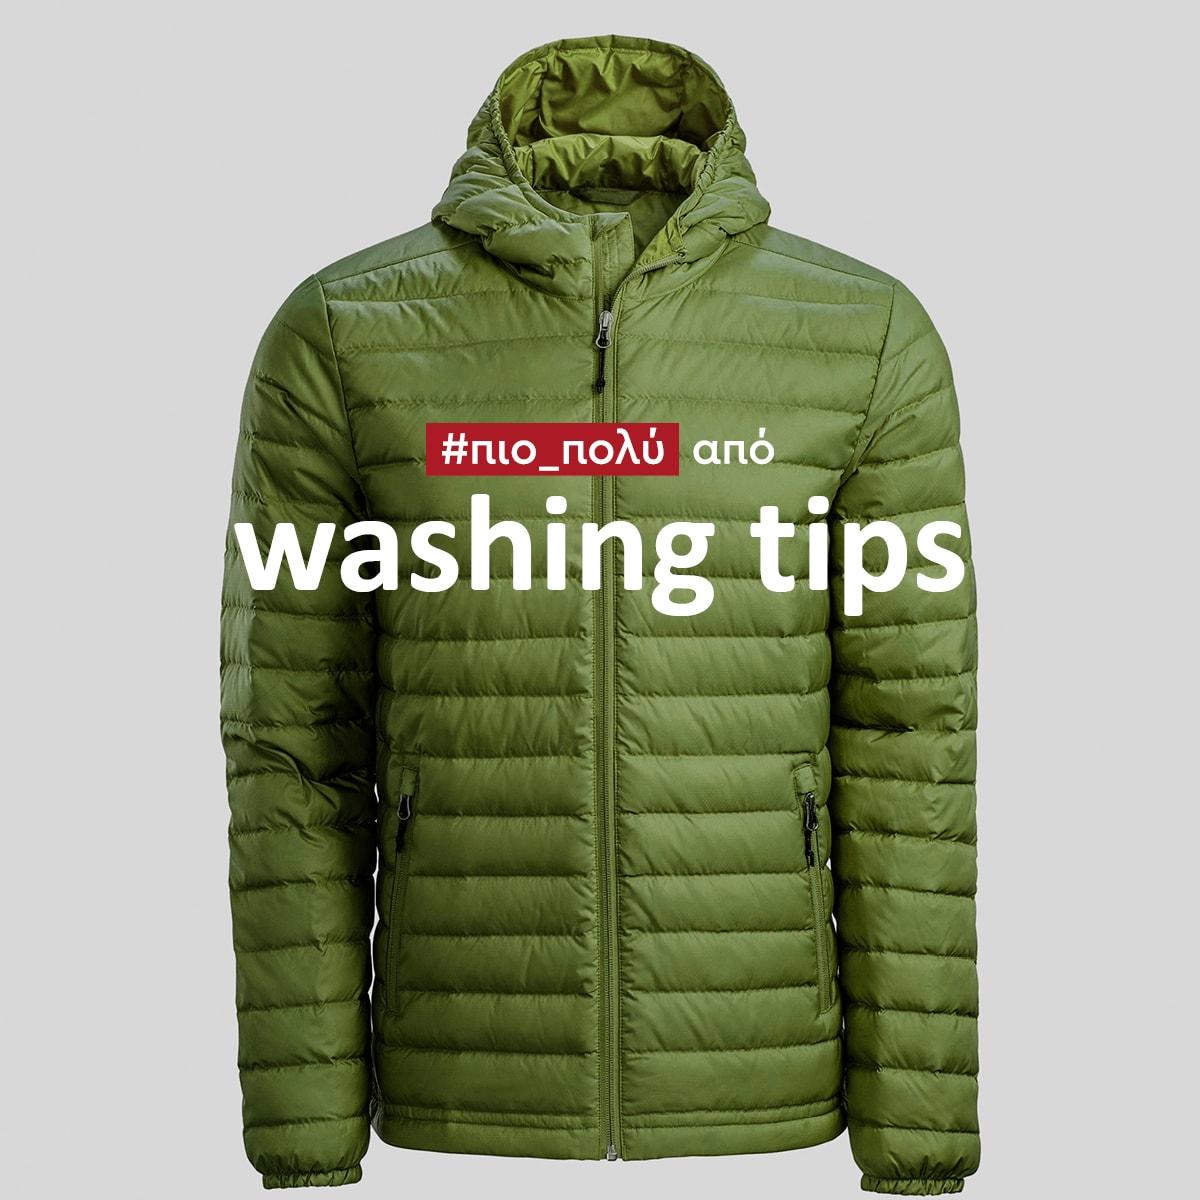 Κι όμως το puffy μπουφάν σου μπορεί να πλένεται στο πλυντήριο